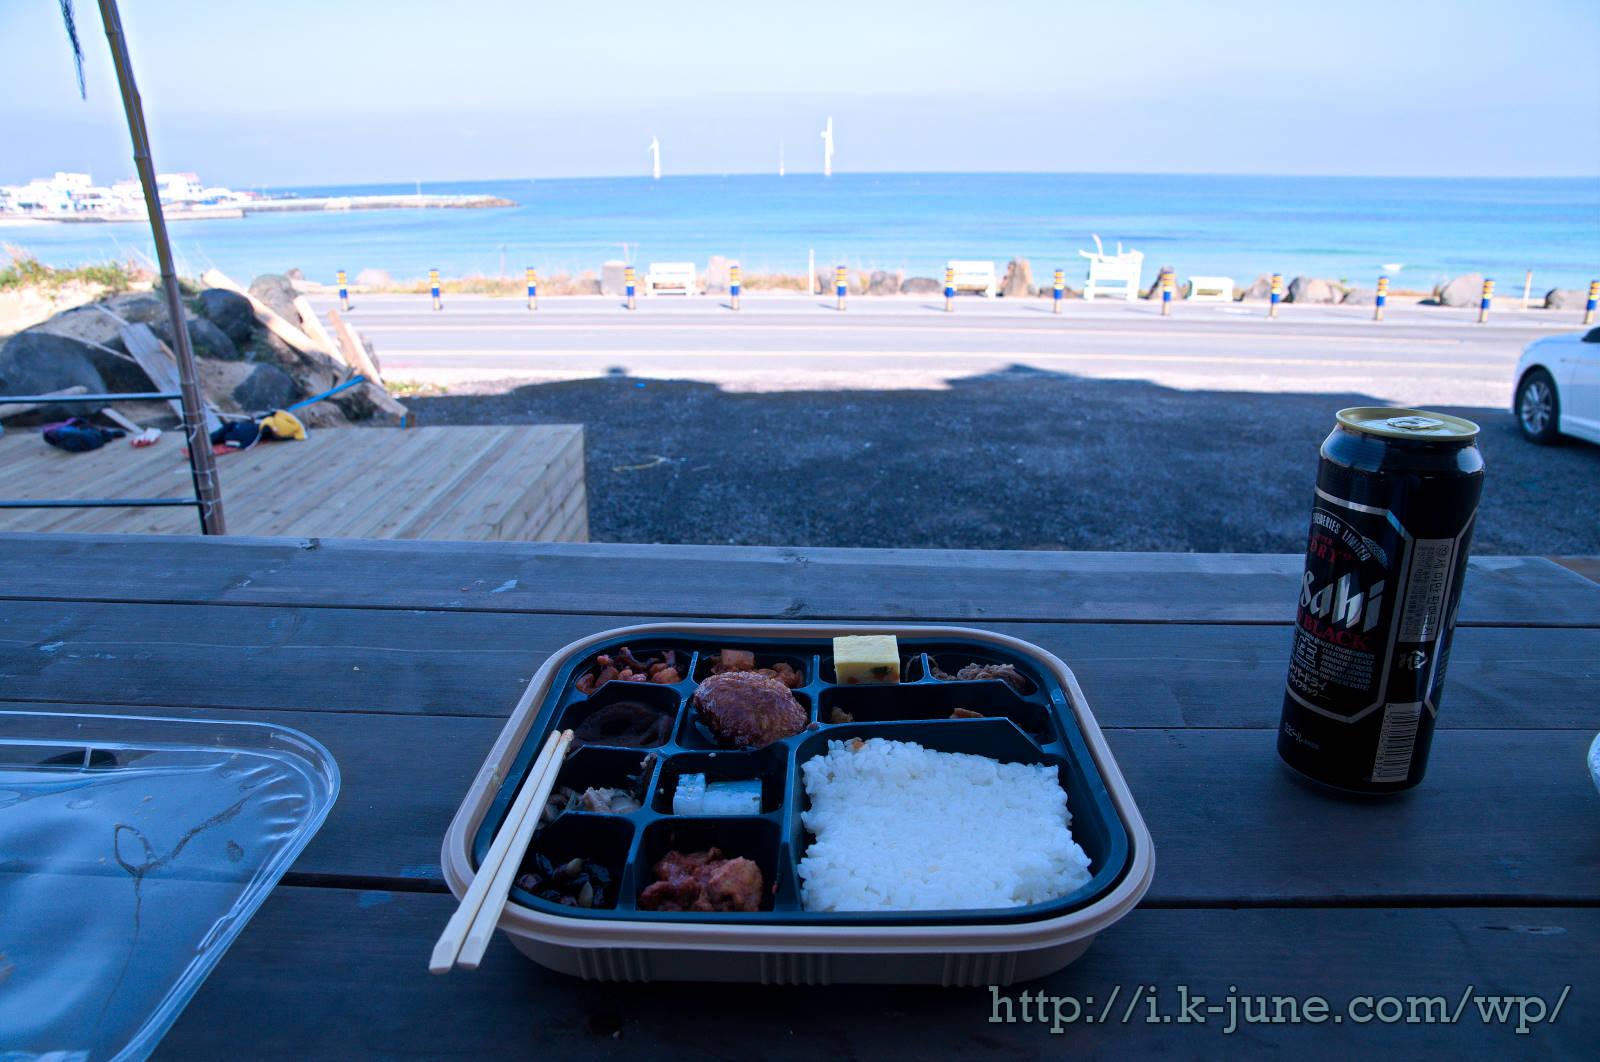 해변의 도시락과 맥주